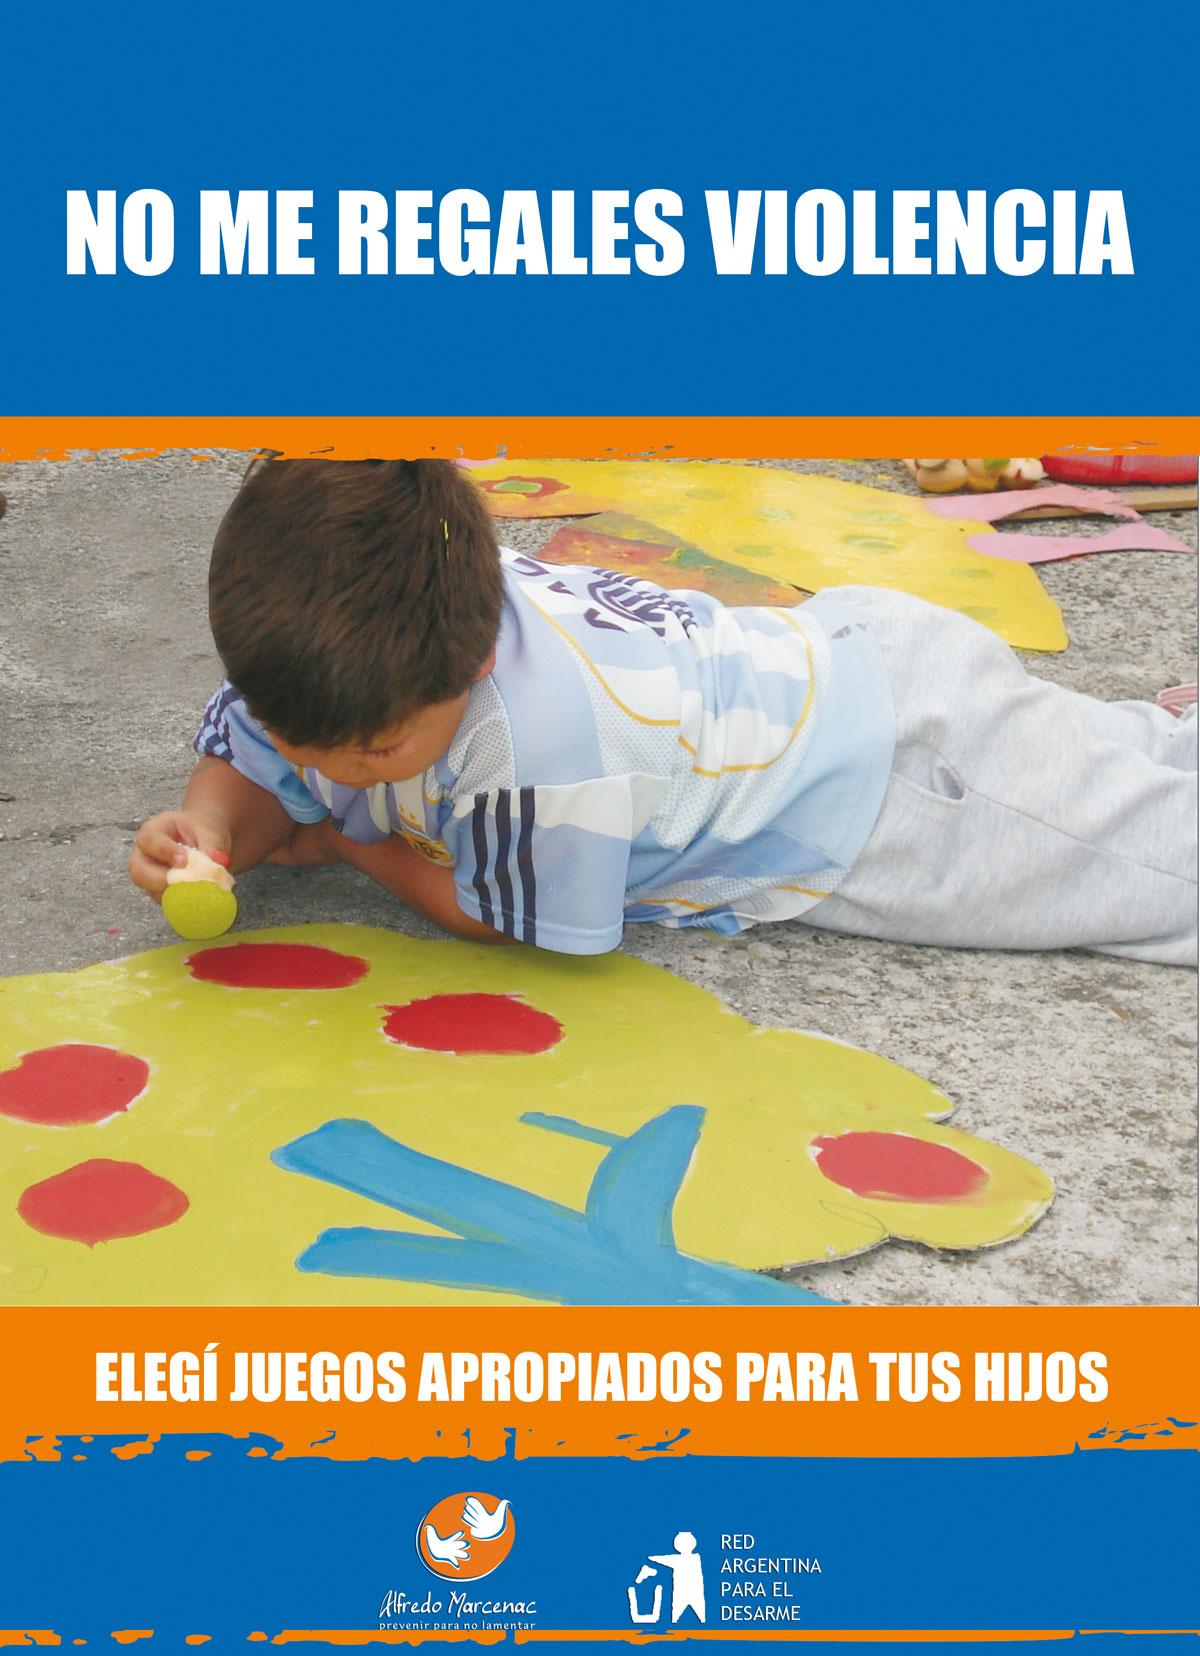 NO ME REGALES VIOLENCIA